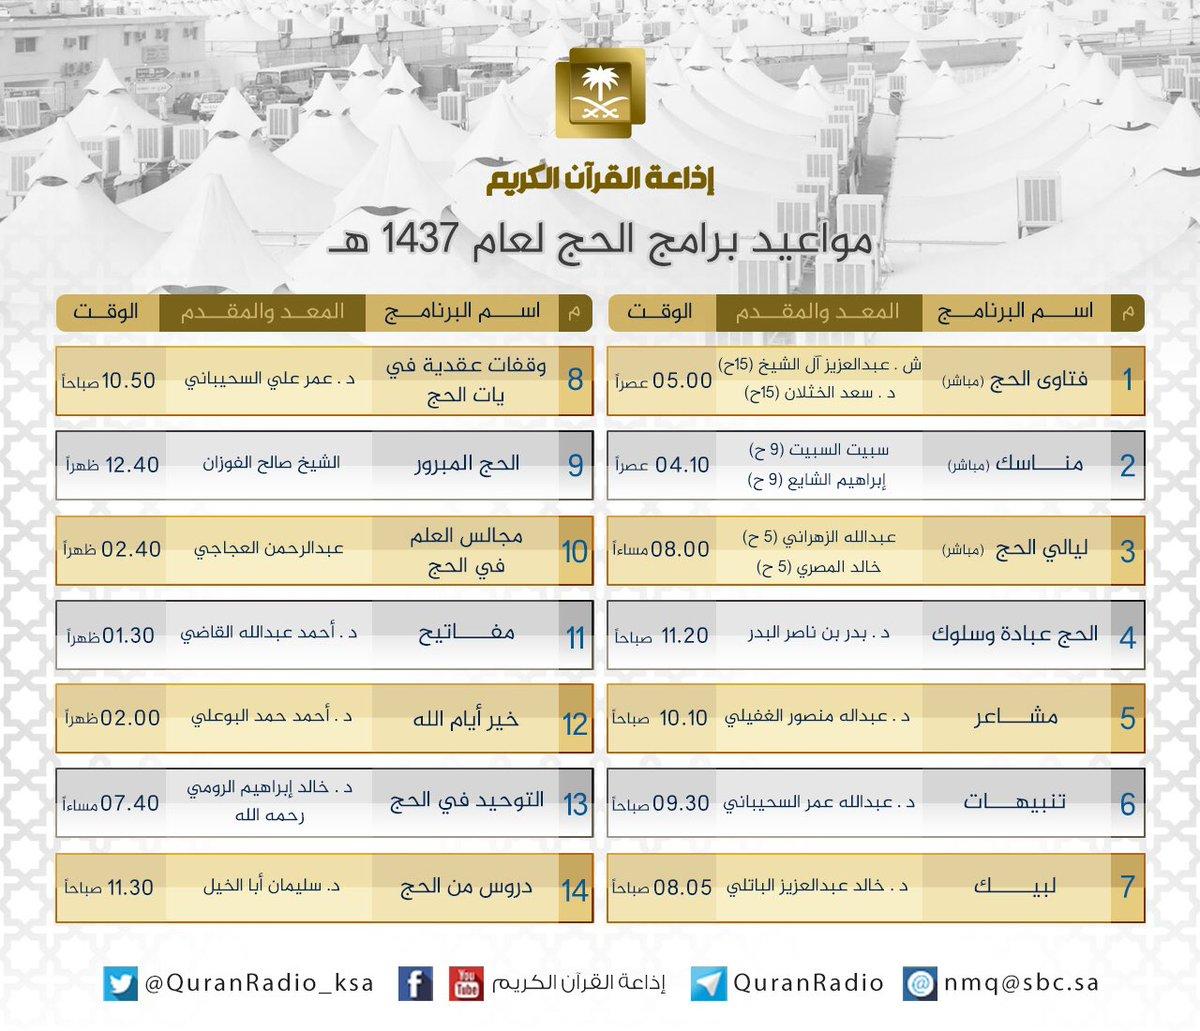 إذاعة القرآن الكريم V Twitter نقدم لكم جدول برامج الحج لهذا العام والتي نأمل أن تقضوا معها أطيب الأوقات وأنفعها إن شاء الله